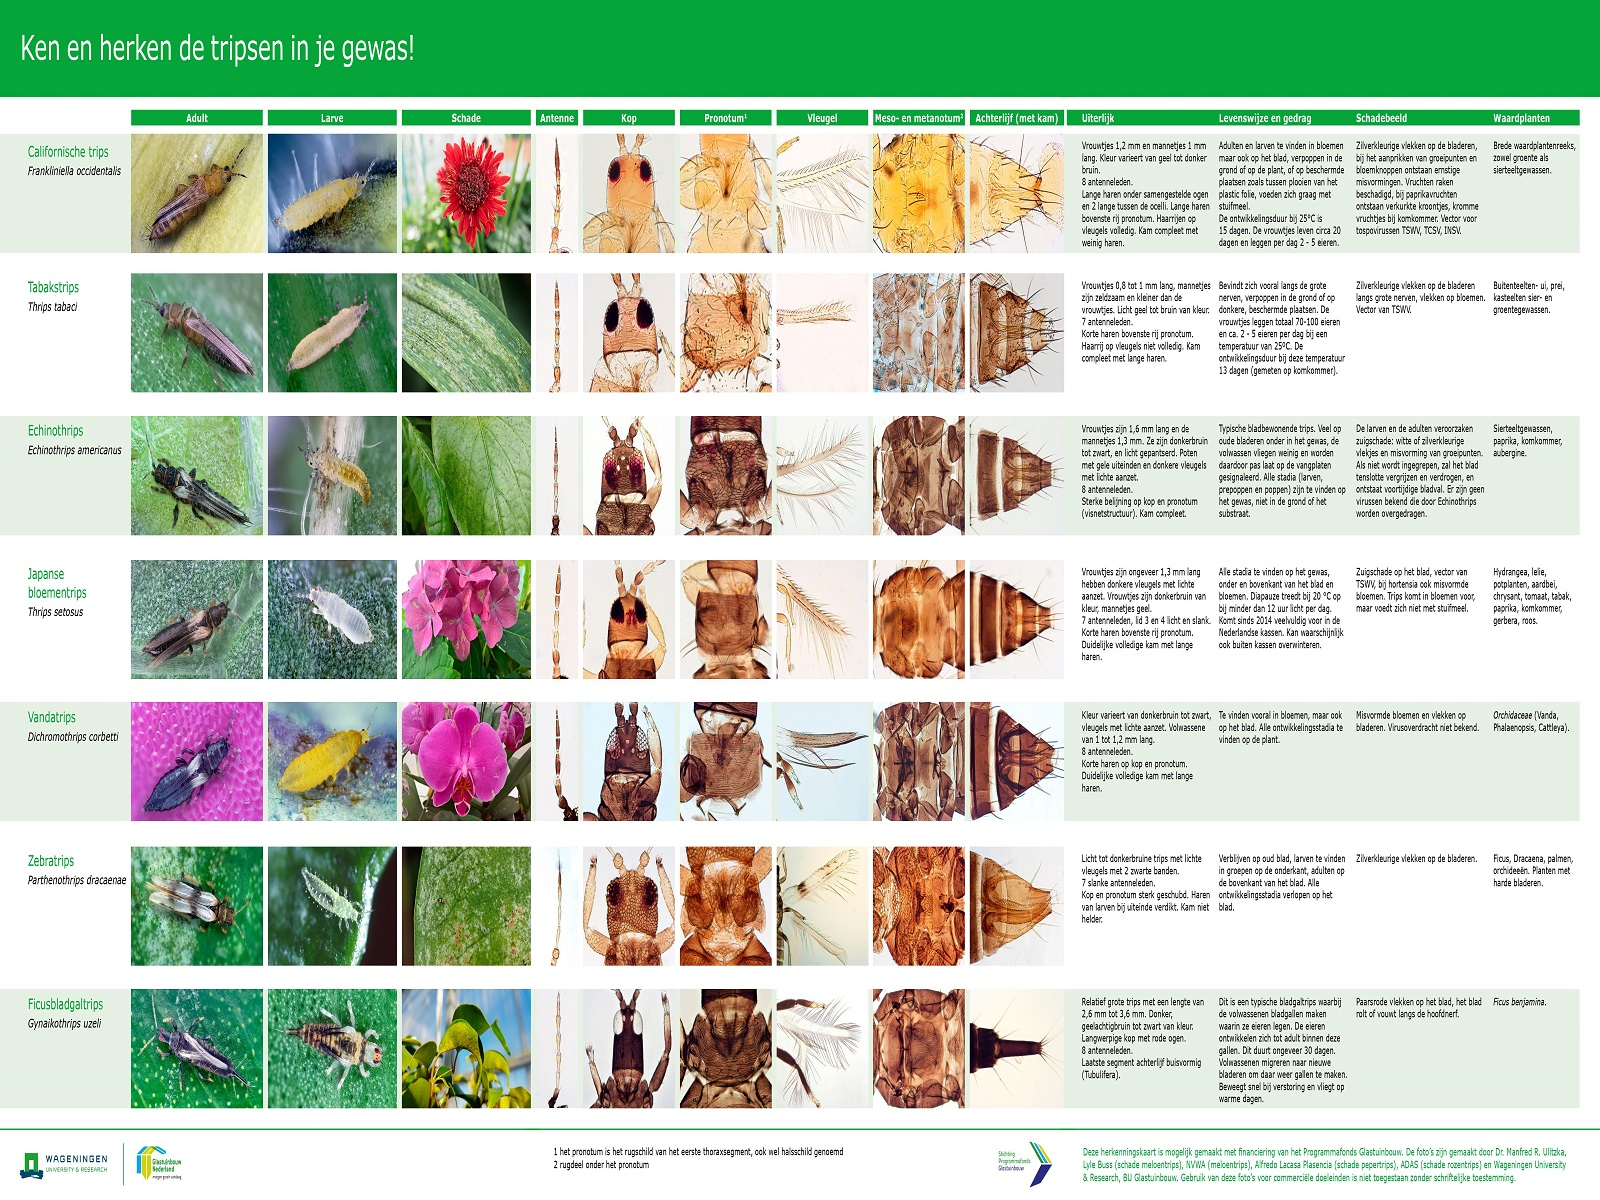 invasieve-tripssoorten-greenportdb